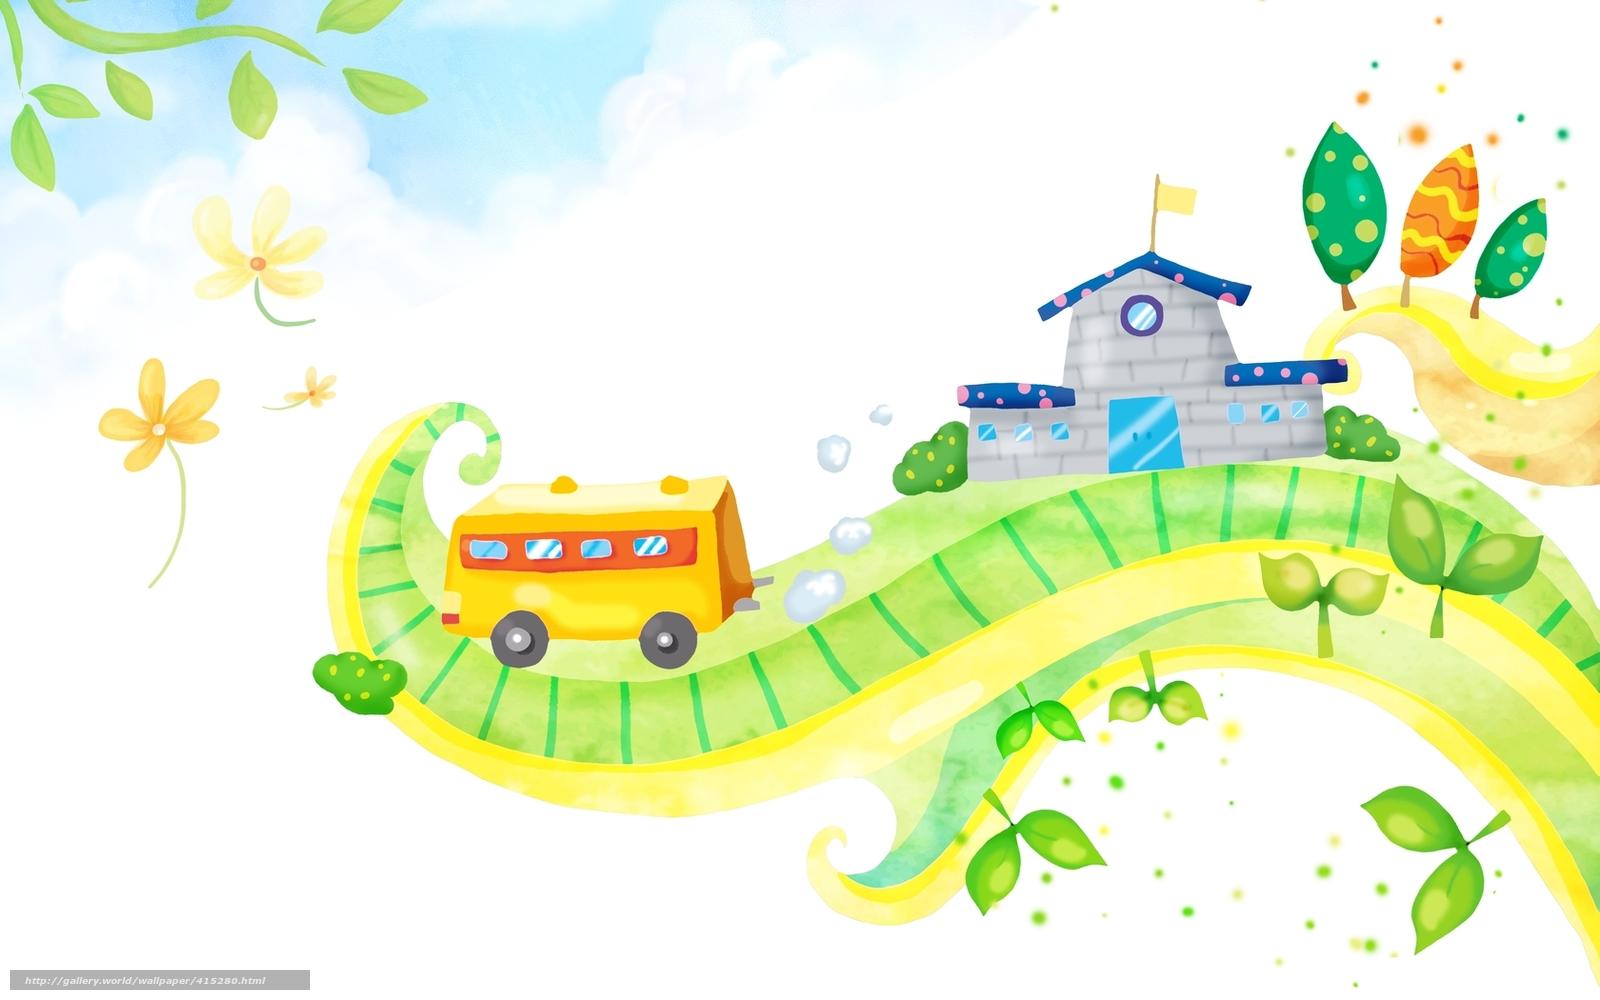 Scaricare gli sfondi carta da parati per bambini for Wallpaper bambini